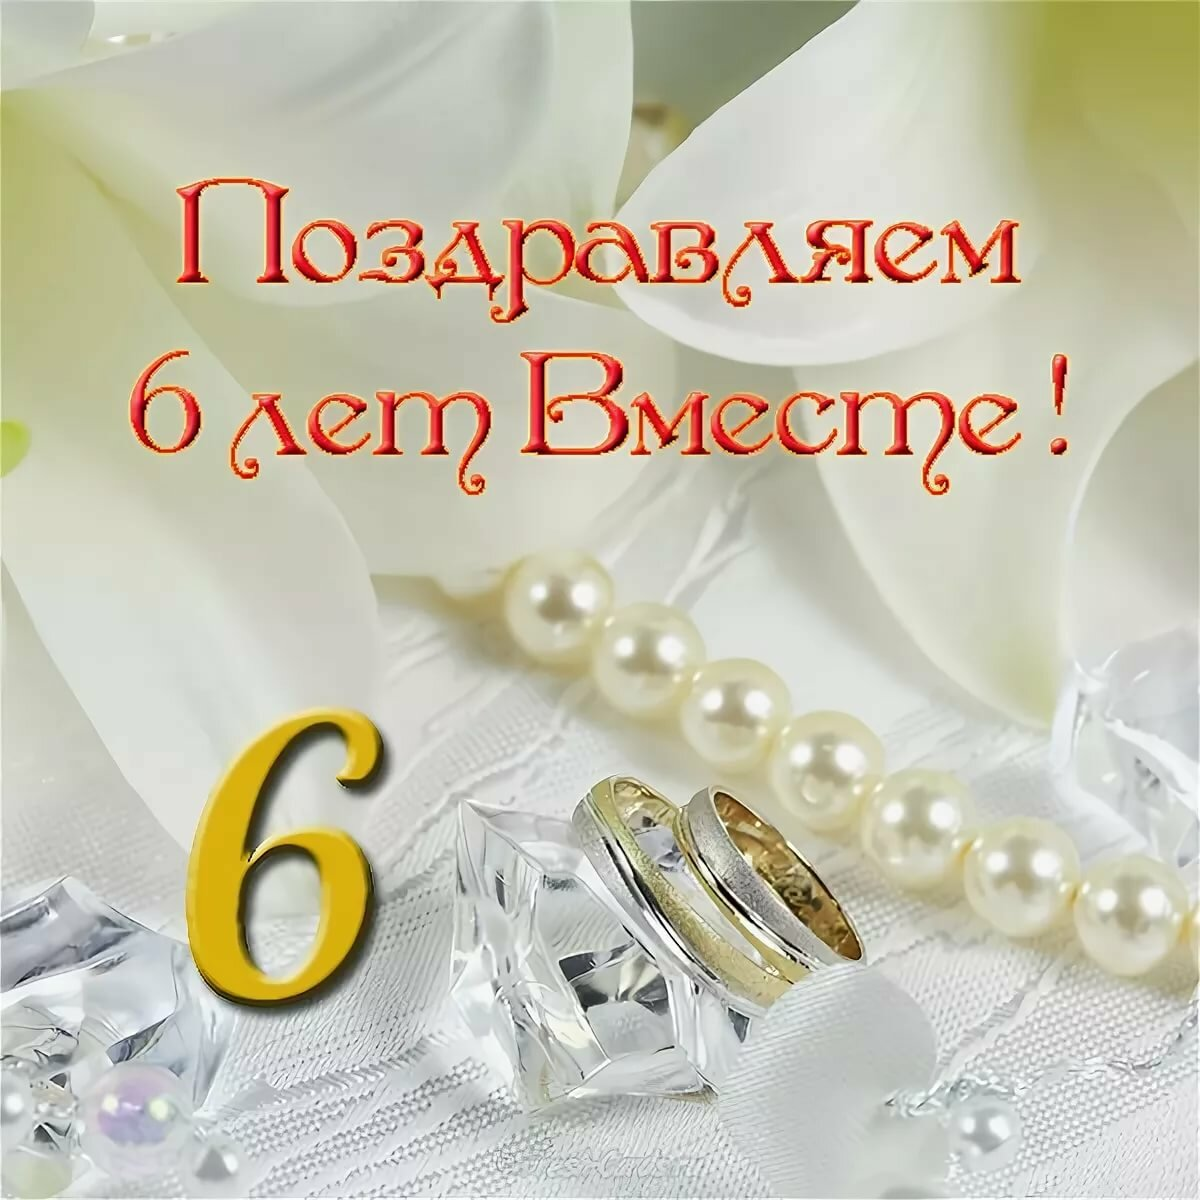 Поздравления на годовщину 6 свадьбы